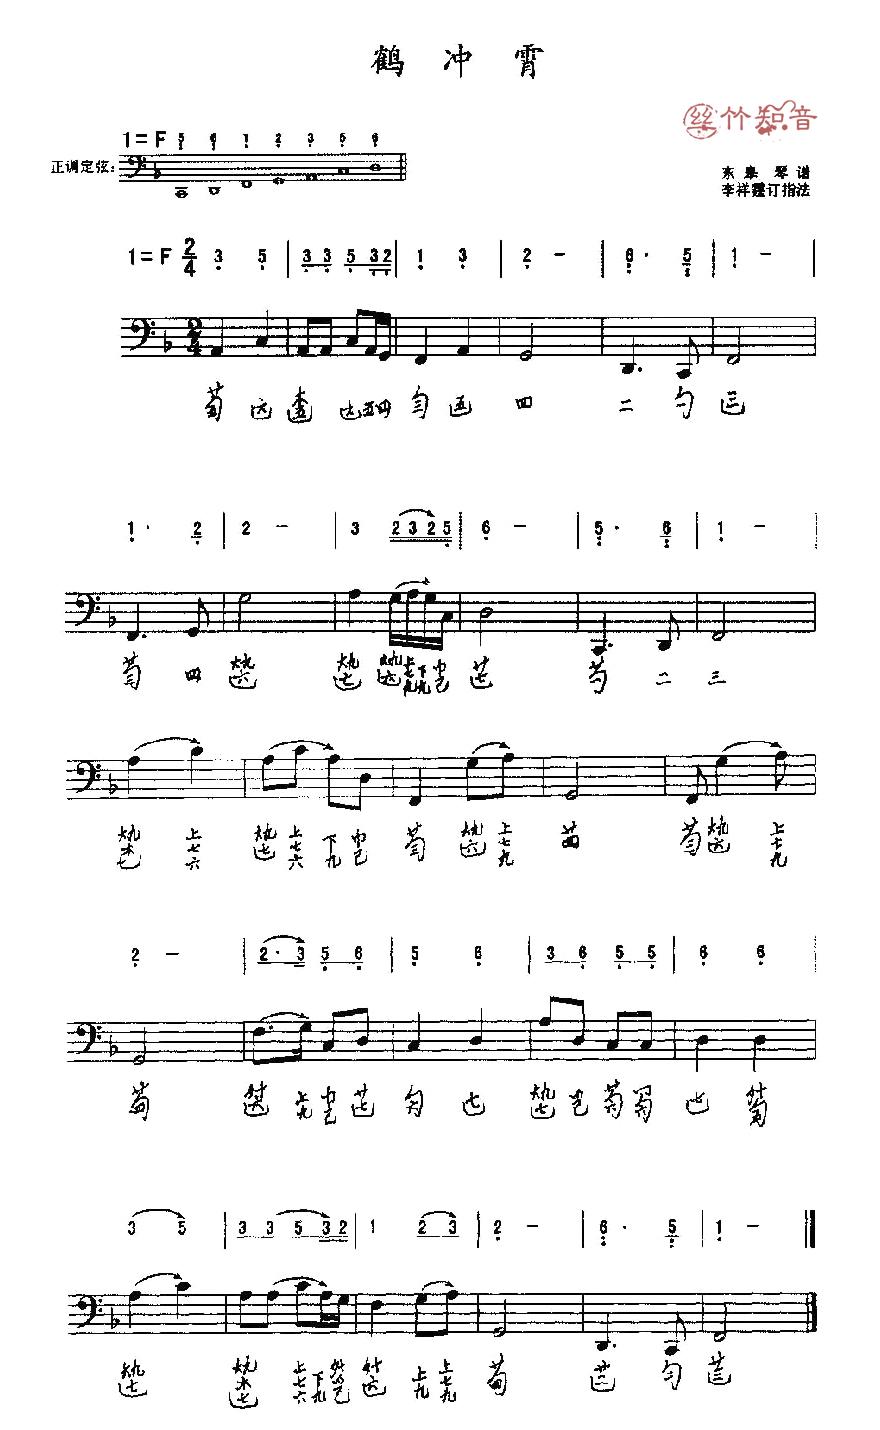 古琴曲谱《鹤冲霄》